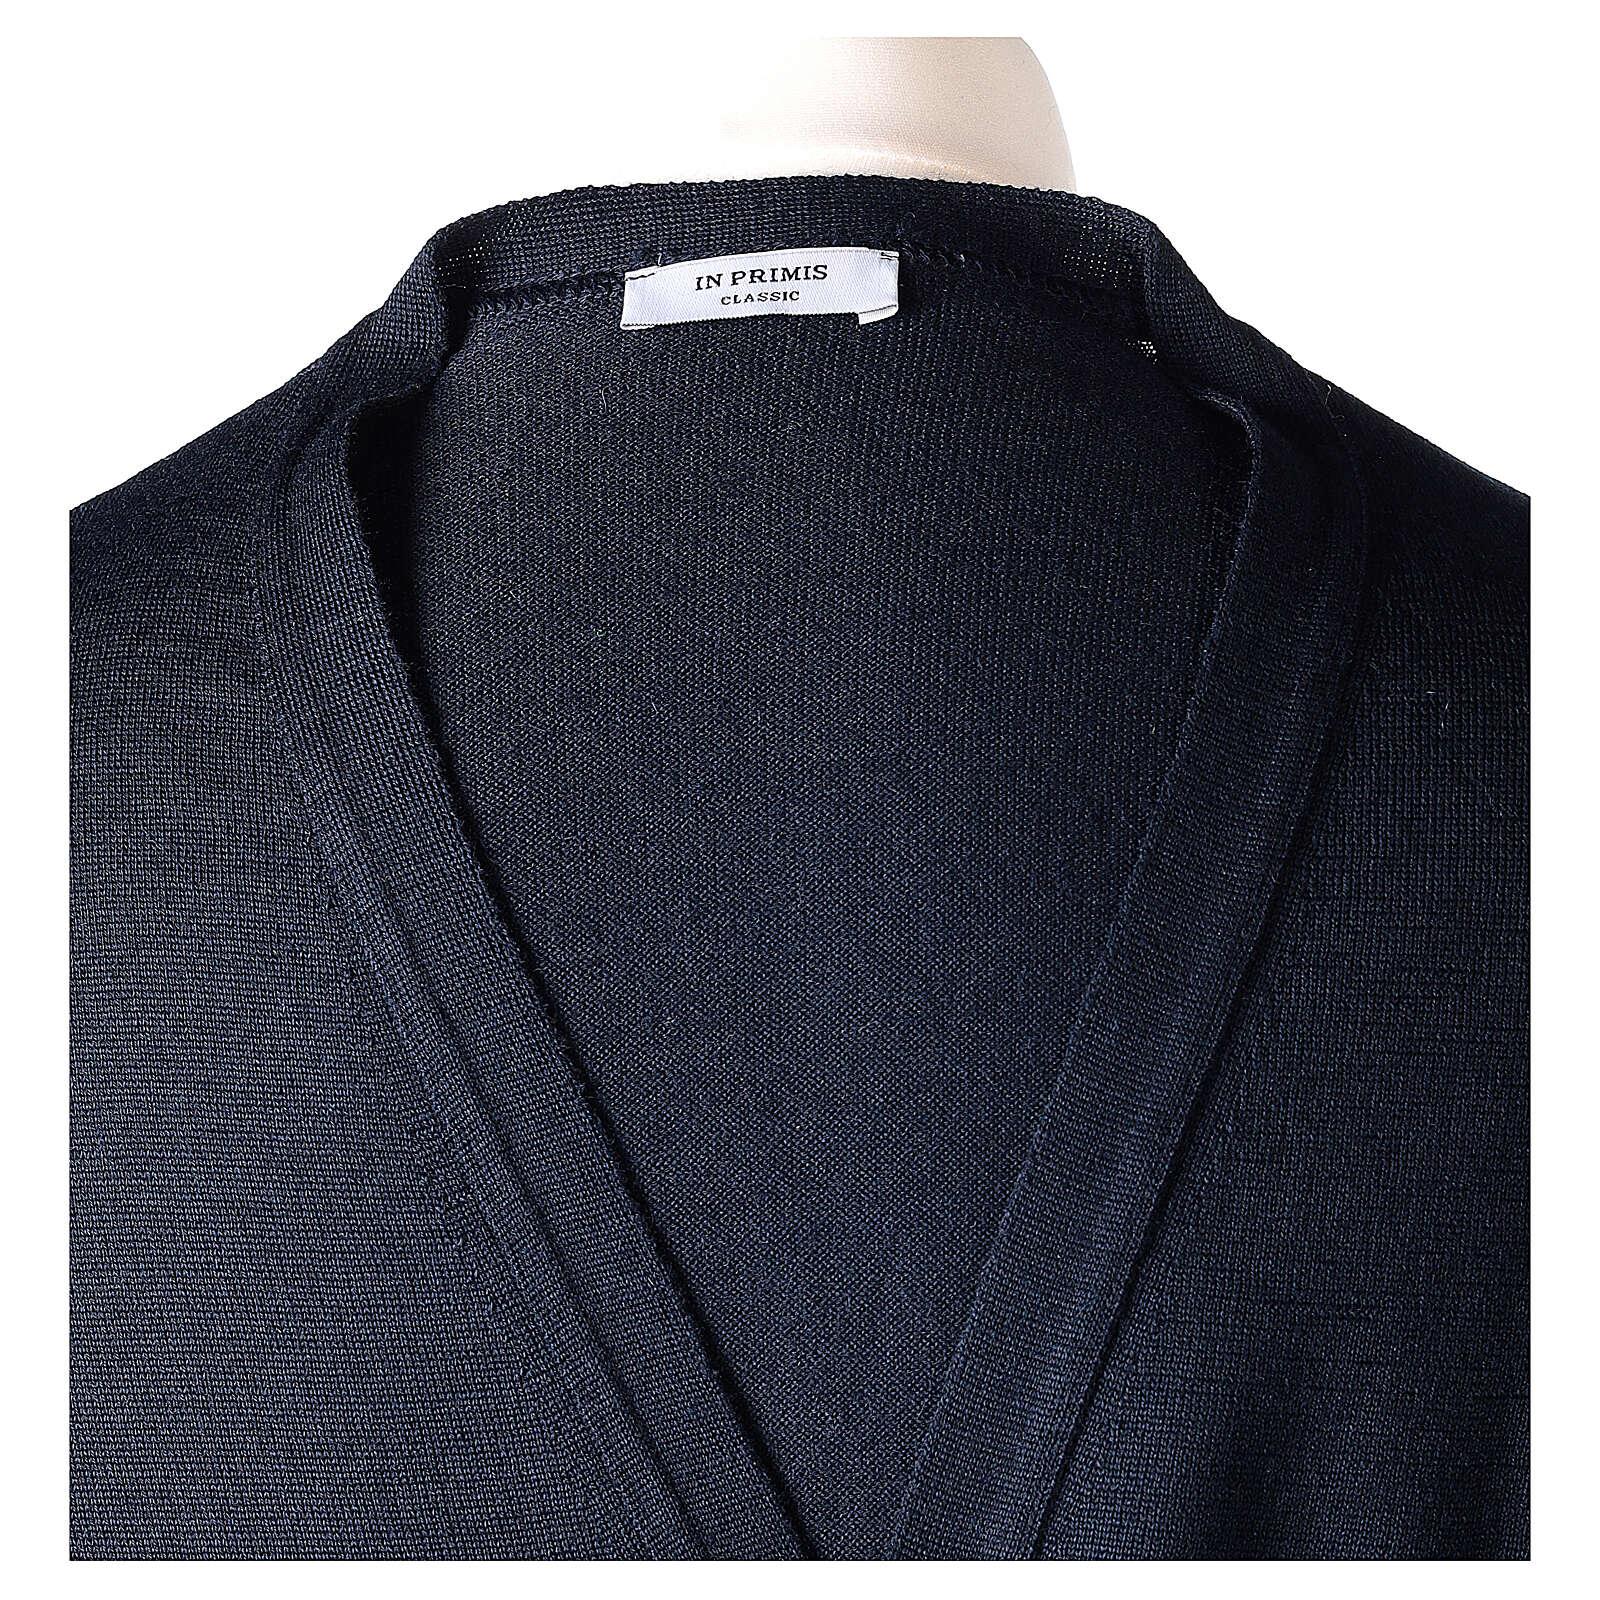 Sweter rozpinany dla księdza granatowy długi rękaw dzianina dżersejowa 50% akryl 50% wełna merynos In Primis 4